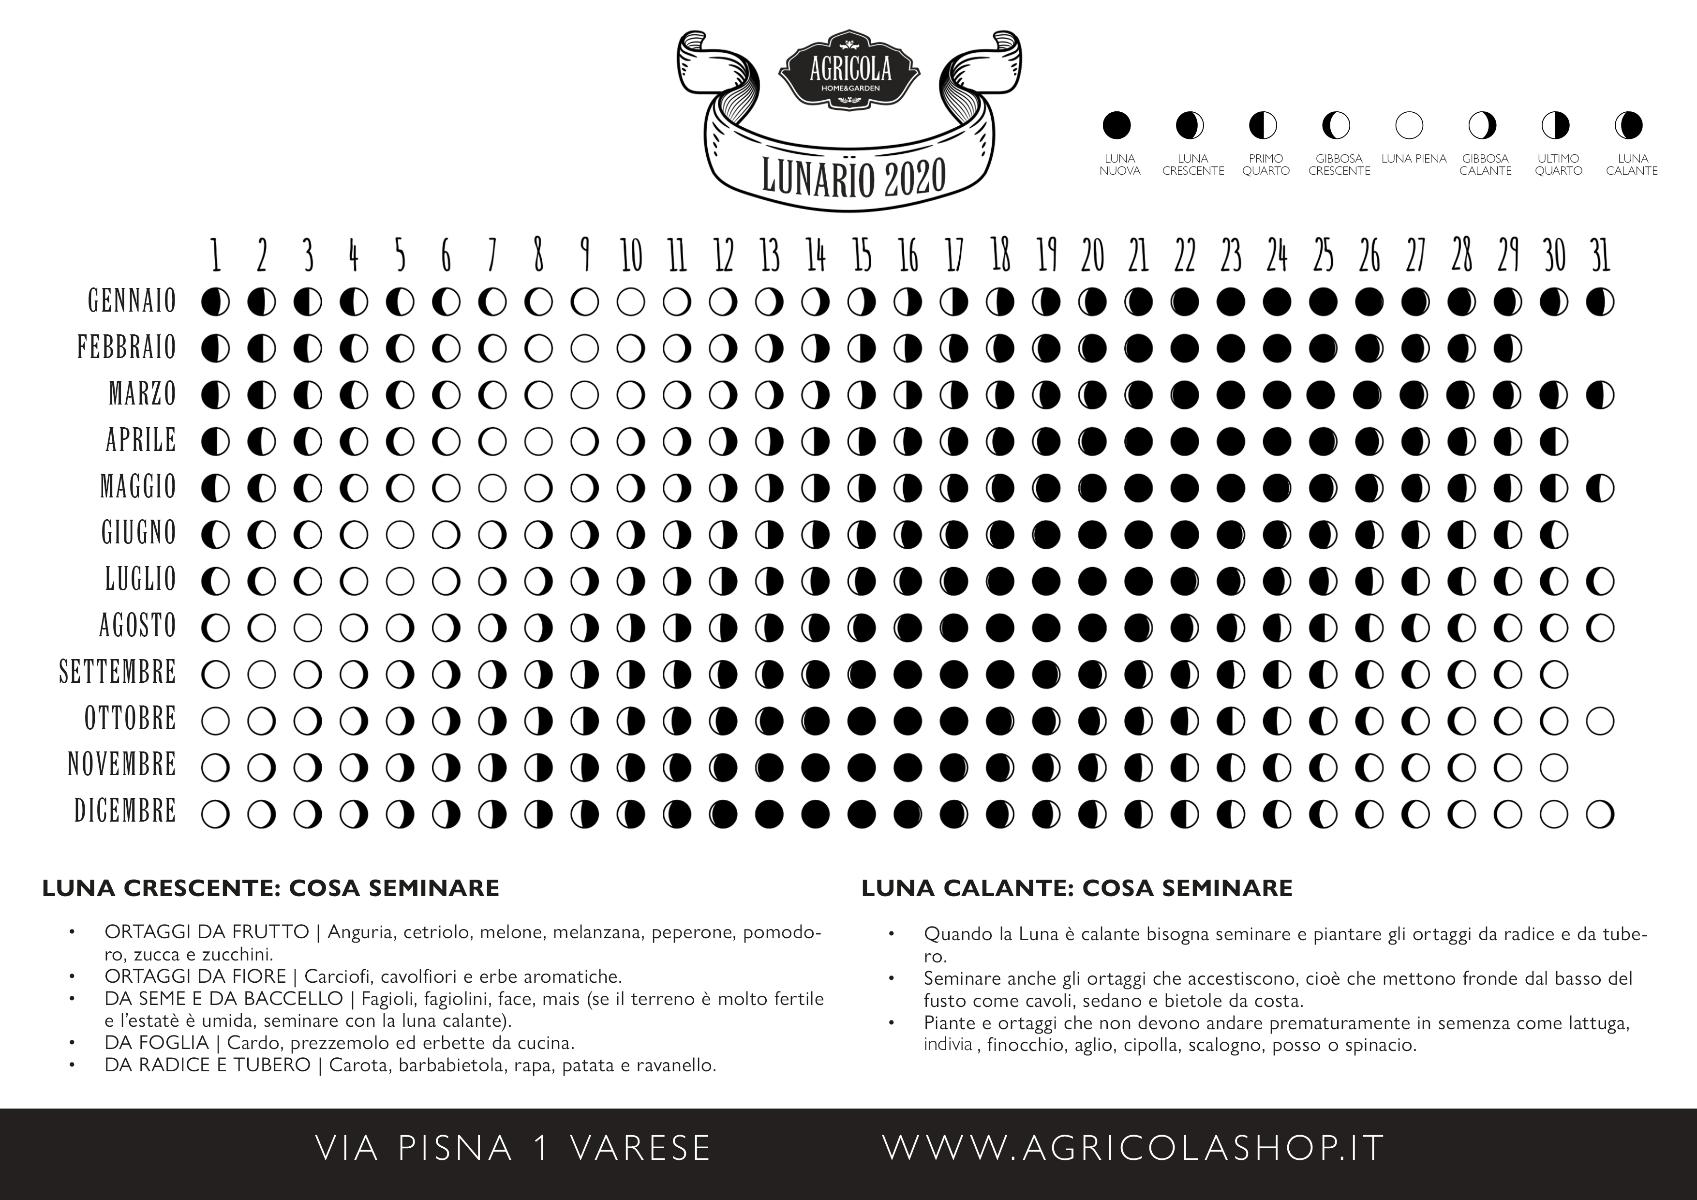 Lunario 2020: Calendario lunare 2020 per la semina | AgricolaShop